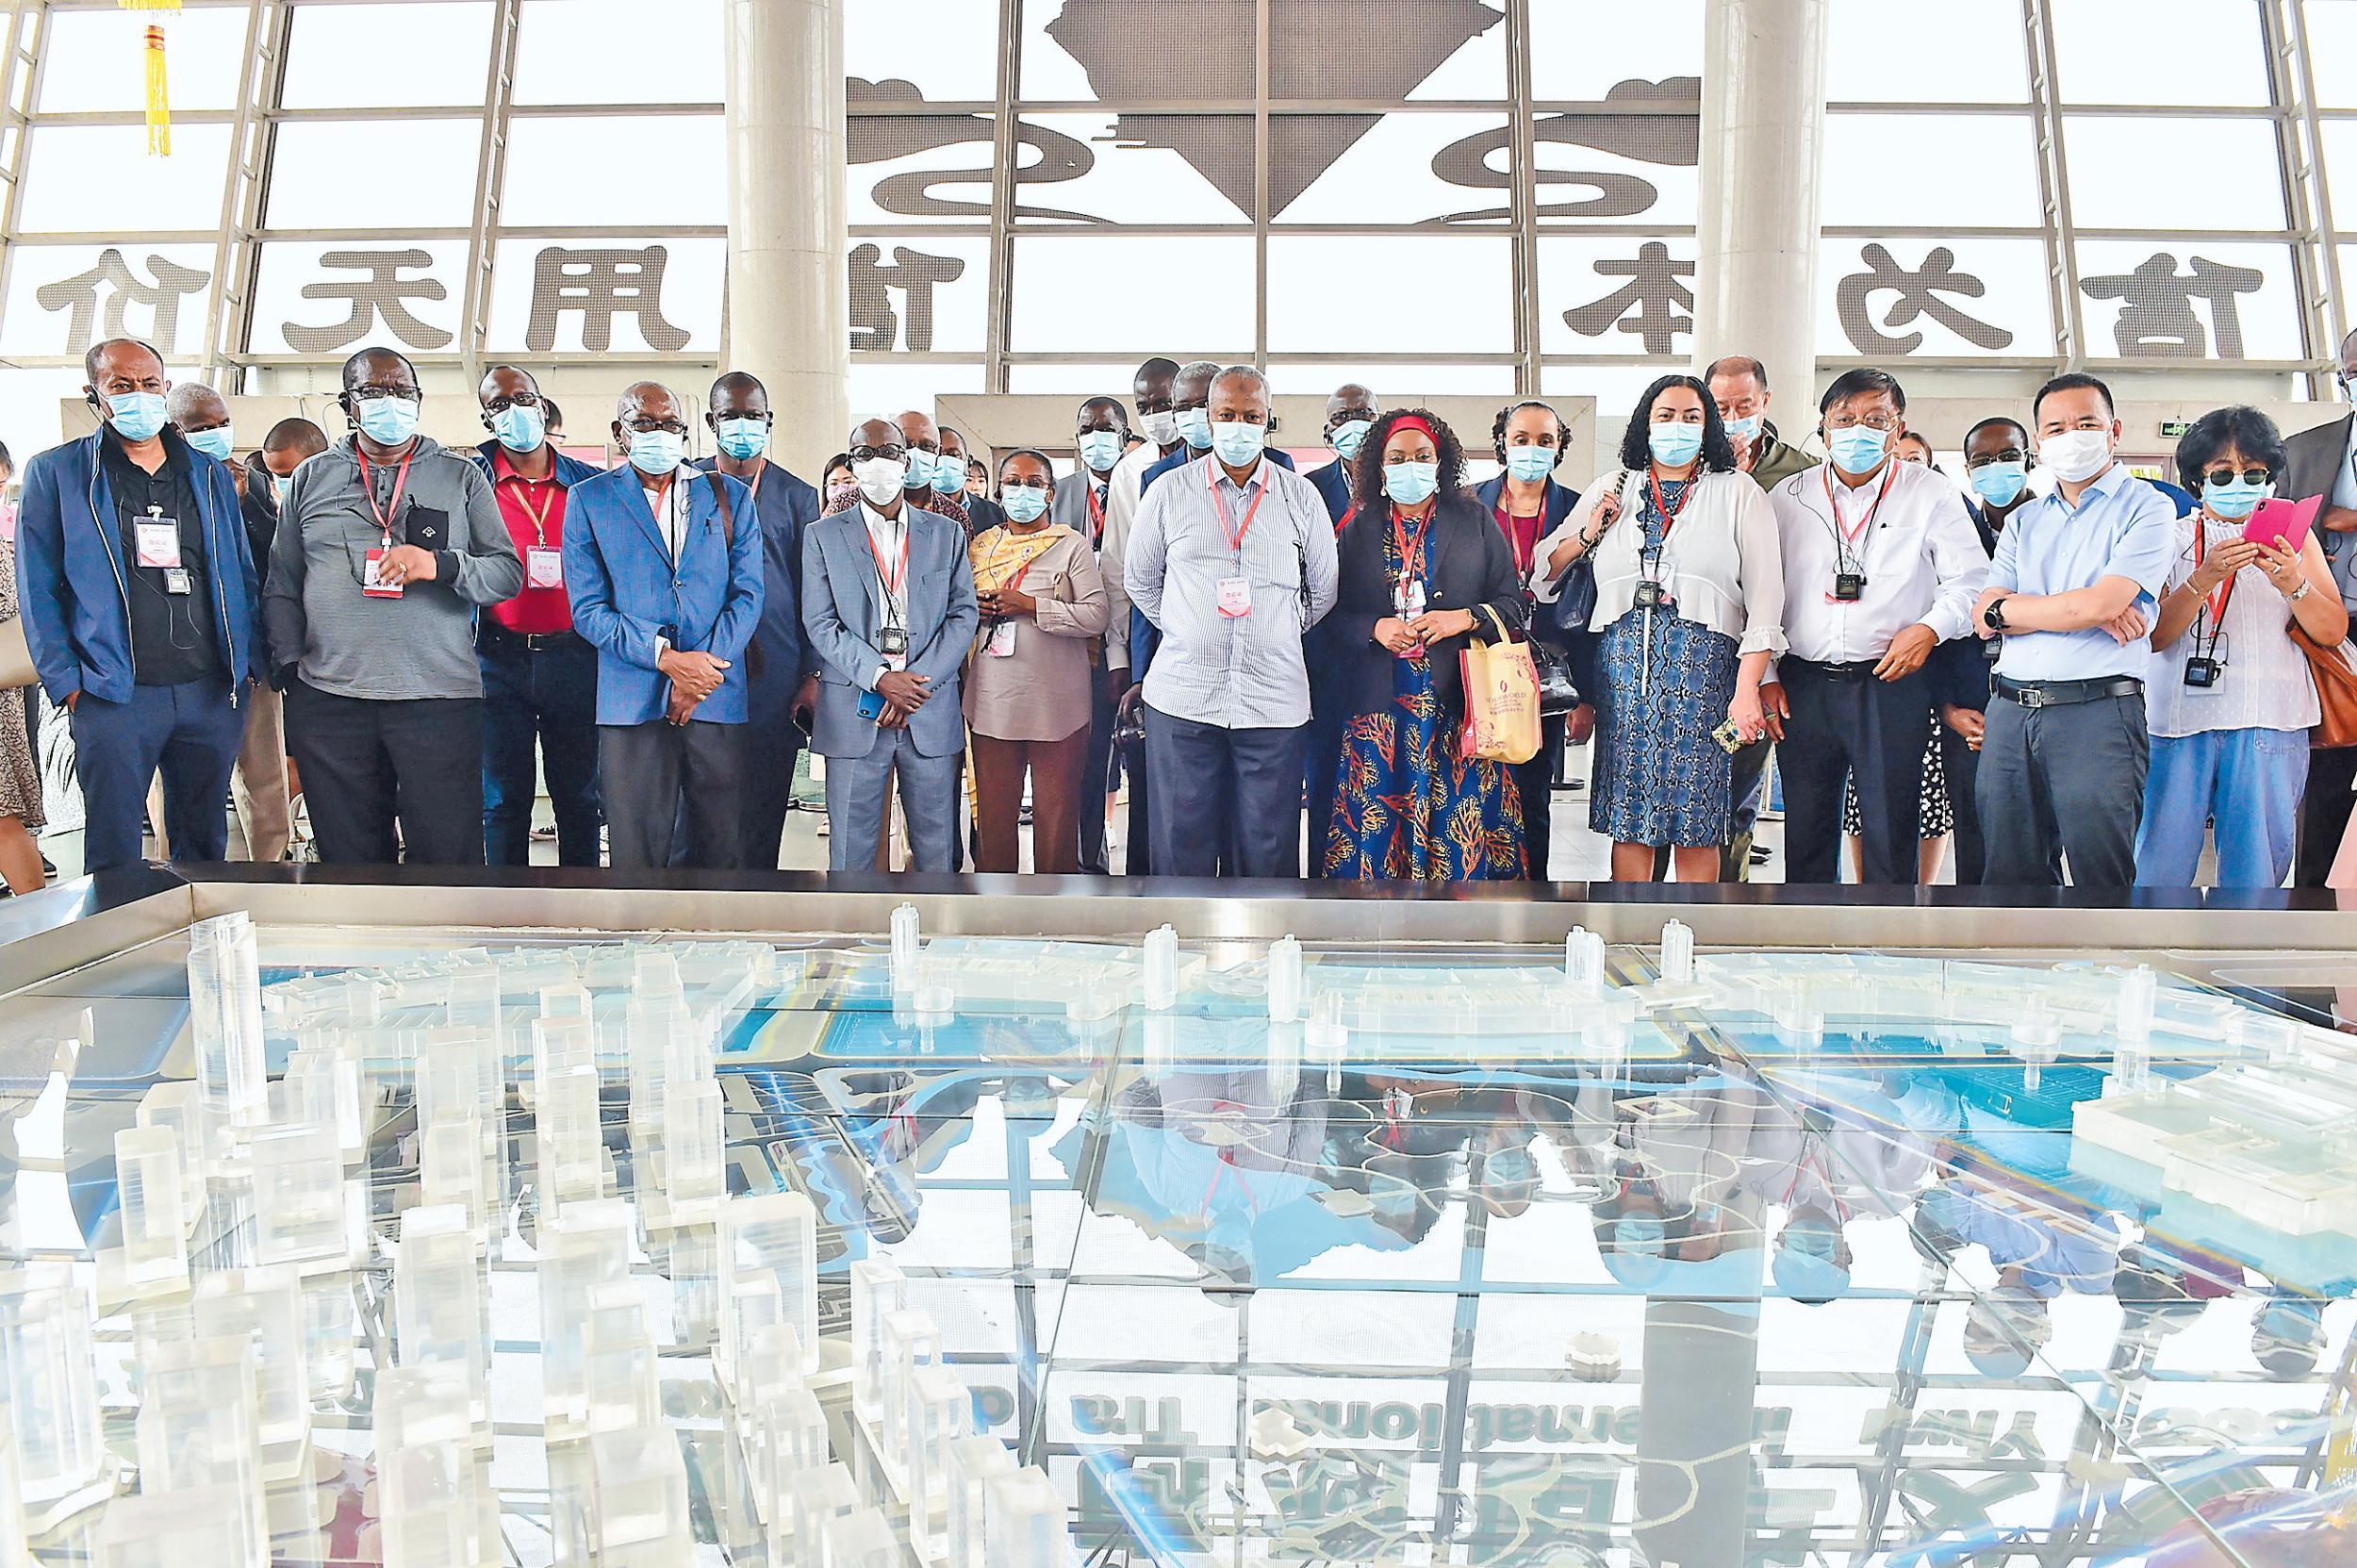 非洲国家驻华使节团参观义乌市场